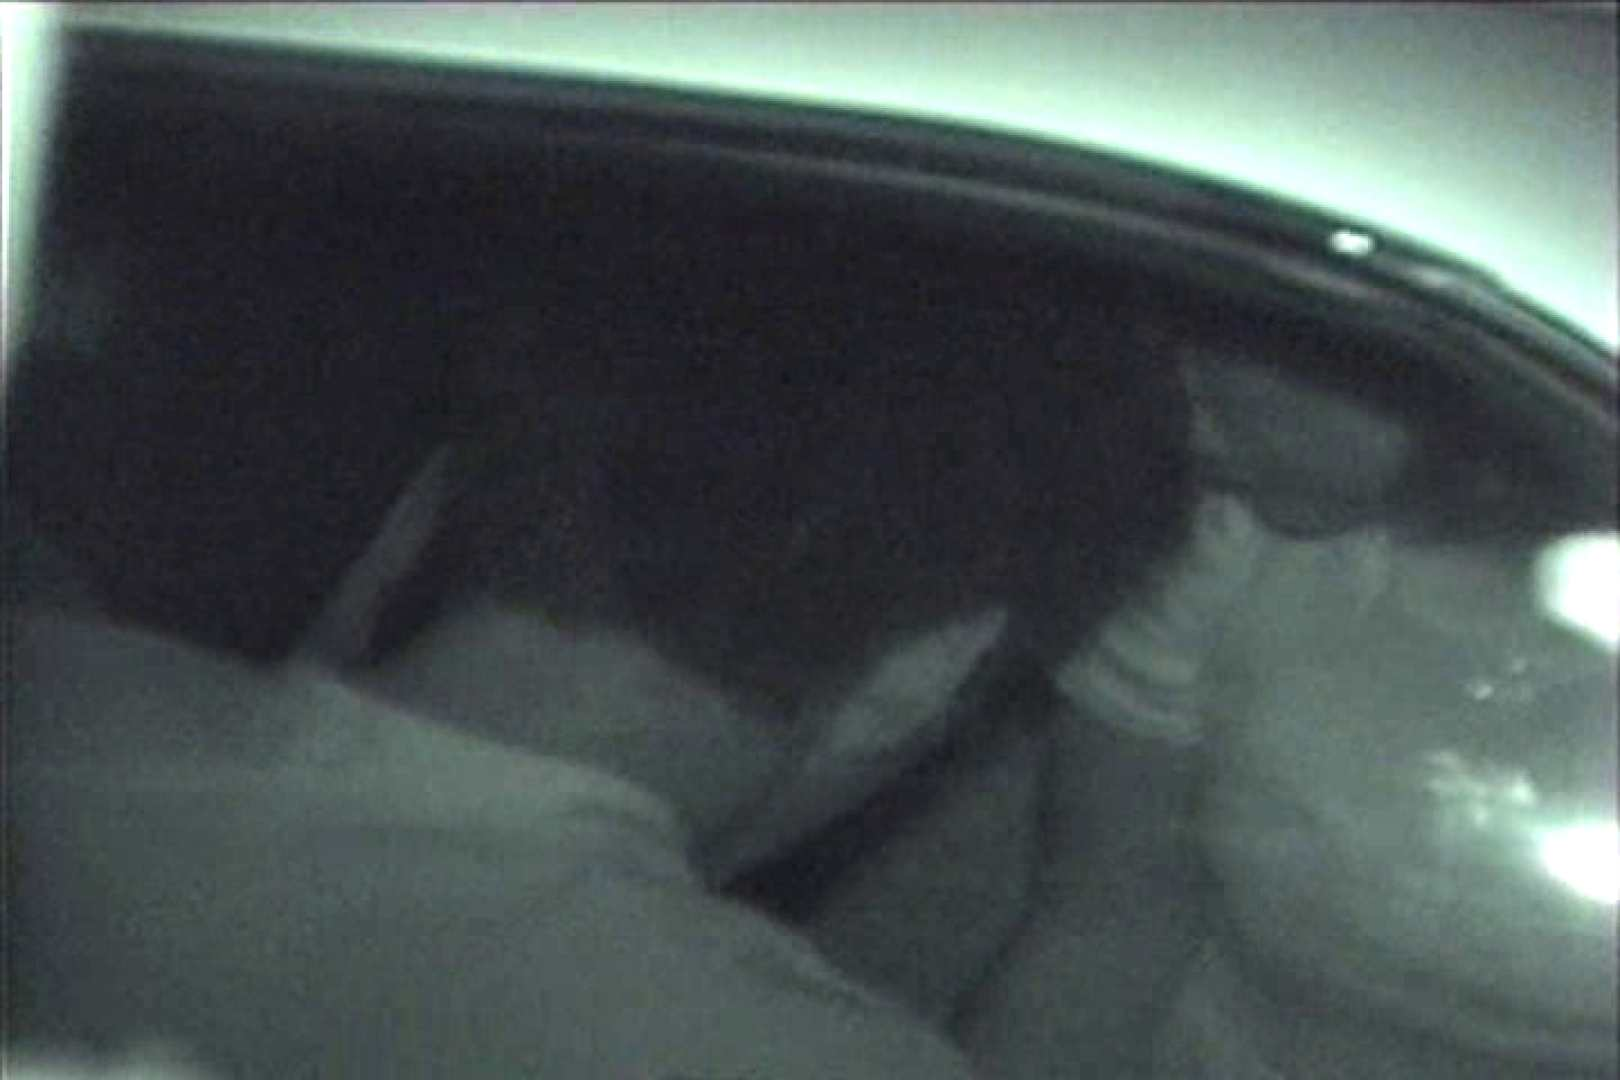 車の中はラブホテル 無修正版  Vol.16 望遠 われめAV動画紹介 96枚